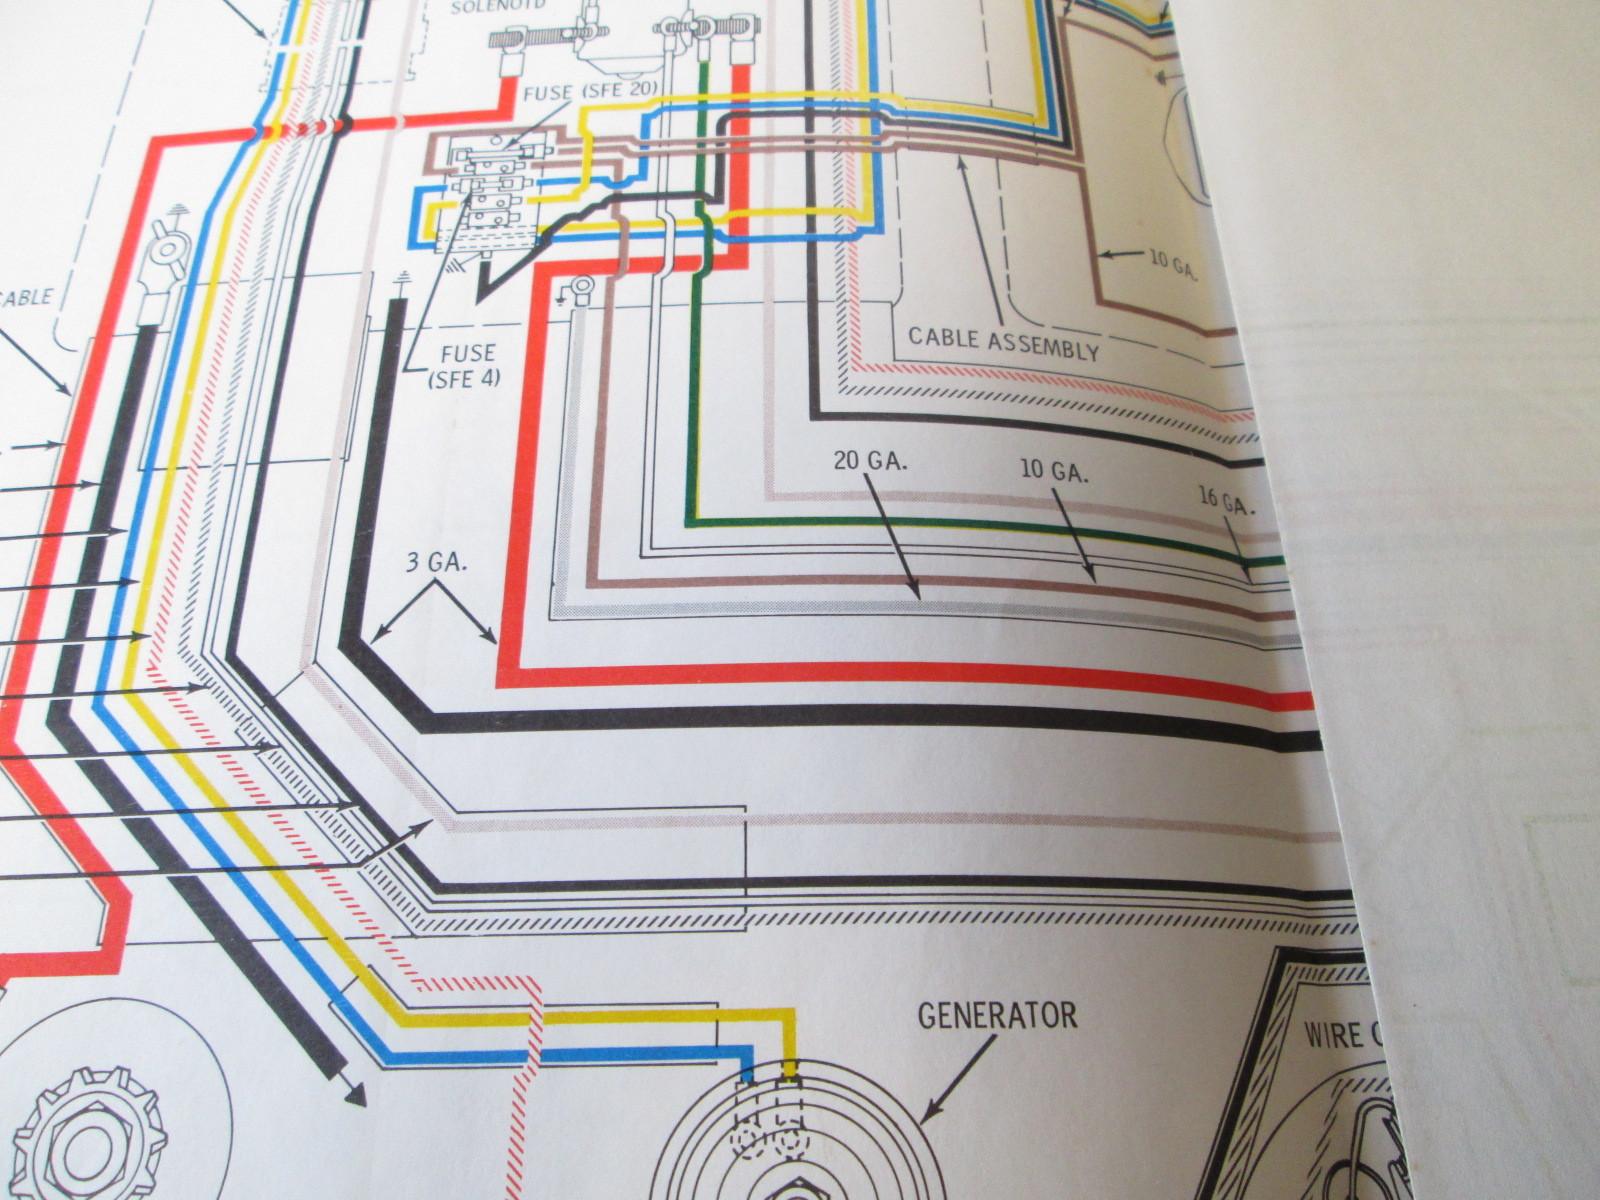 1975 Mercury 850 Wiring Diagram Online Schematics Femsa For A Schematic Diagrams Volvo S40